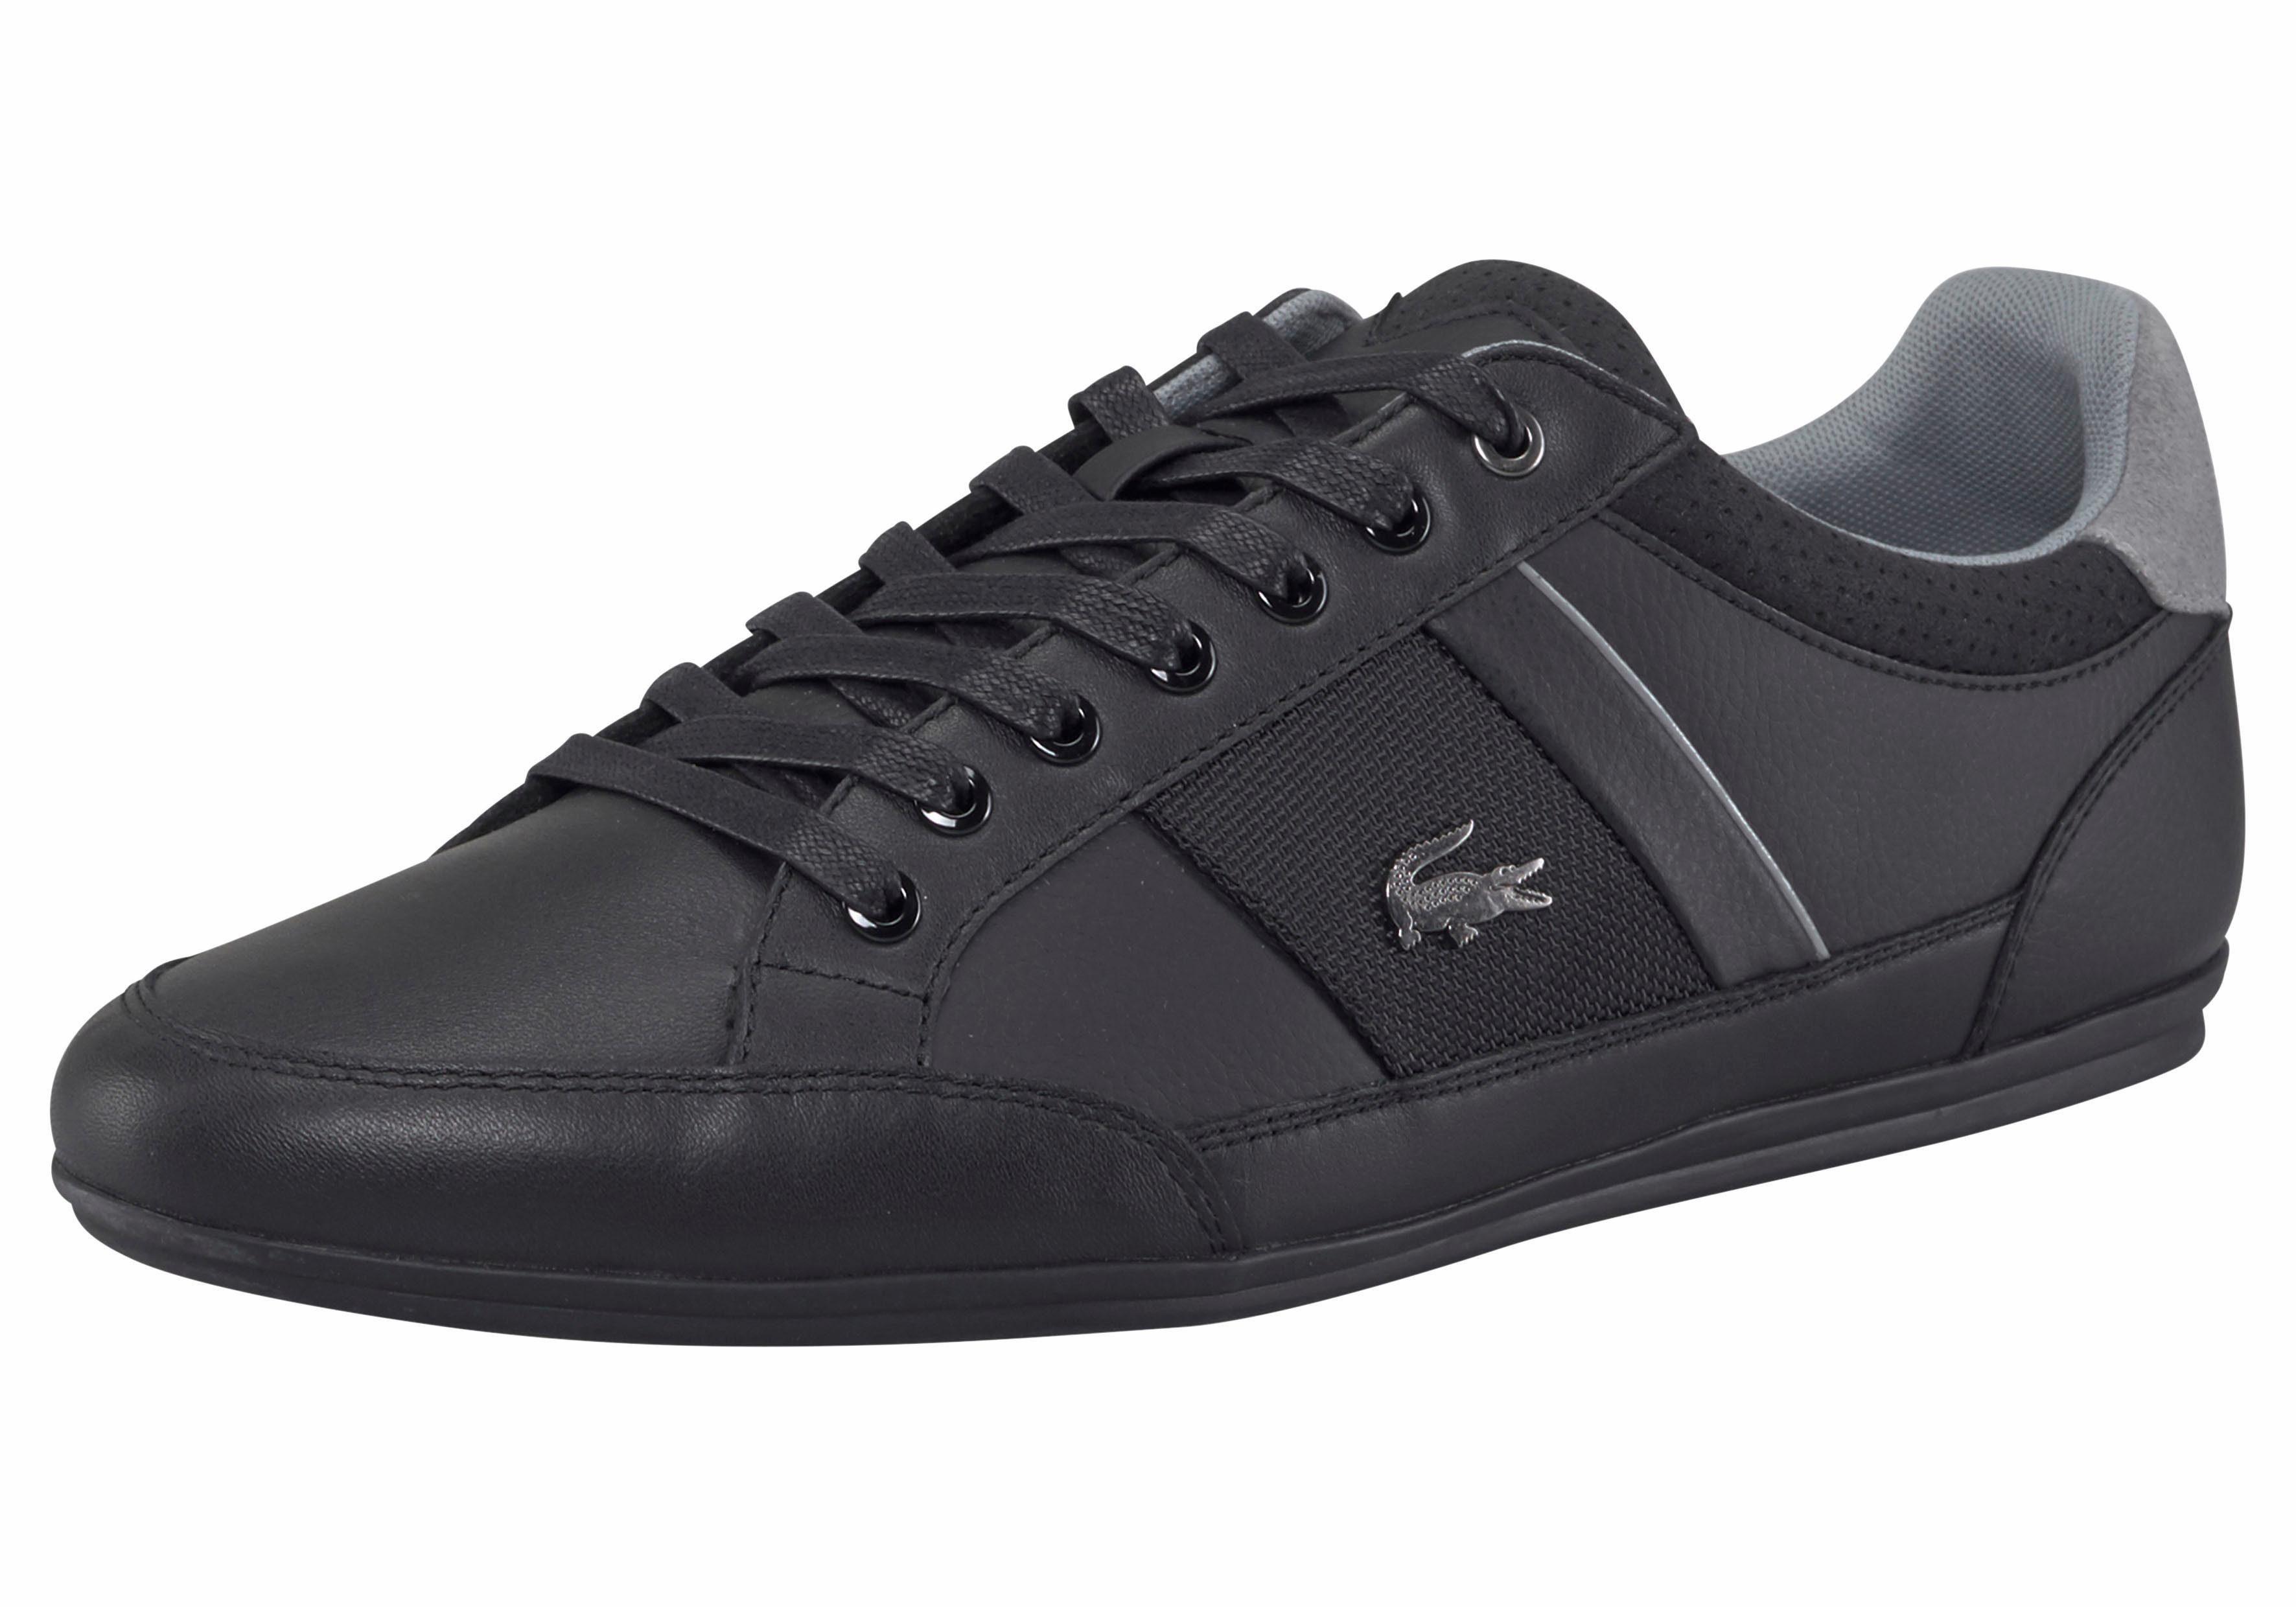 Lacoste Chaymon 317 2 CAM Sneaker online kaufen  schwarz-grau